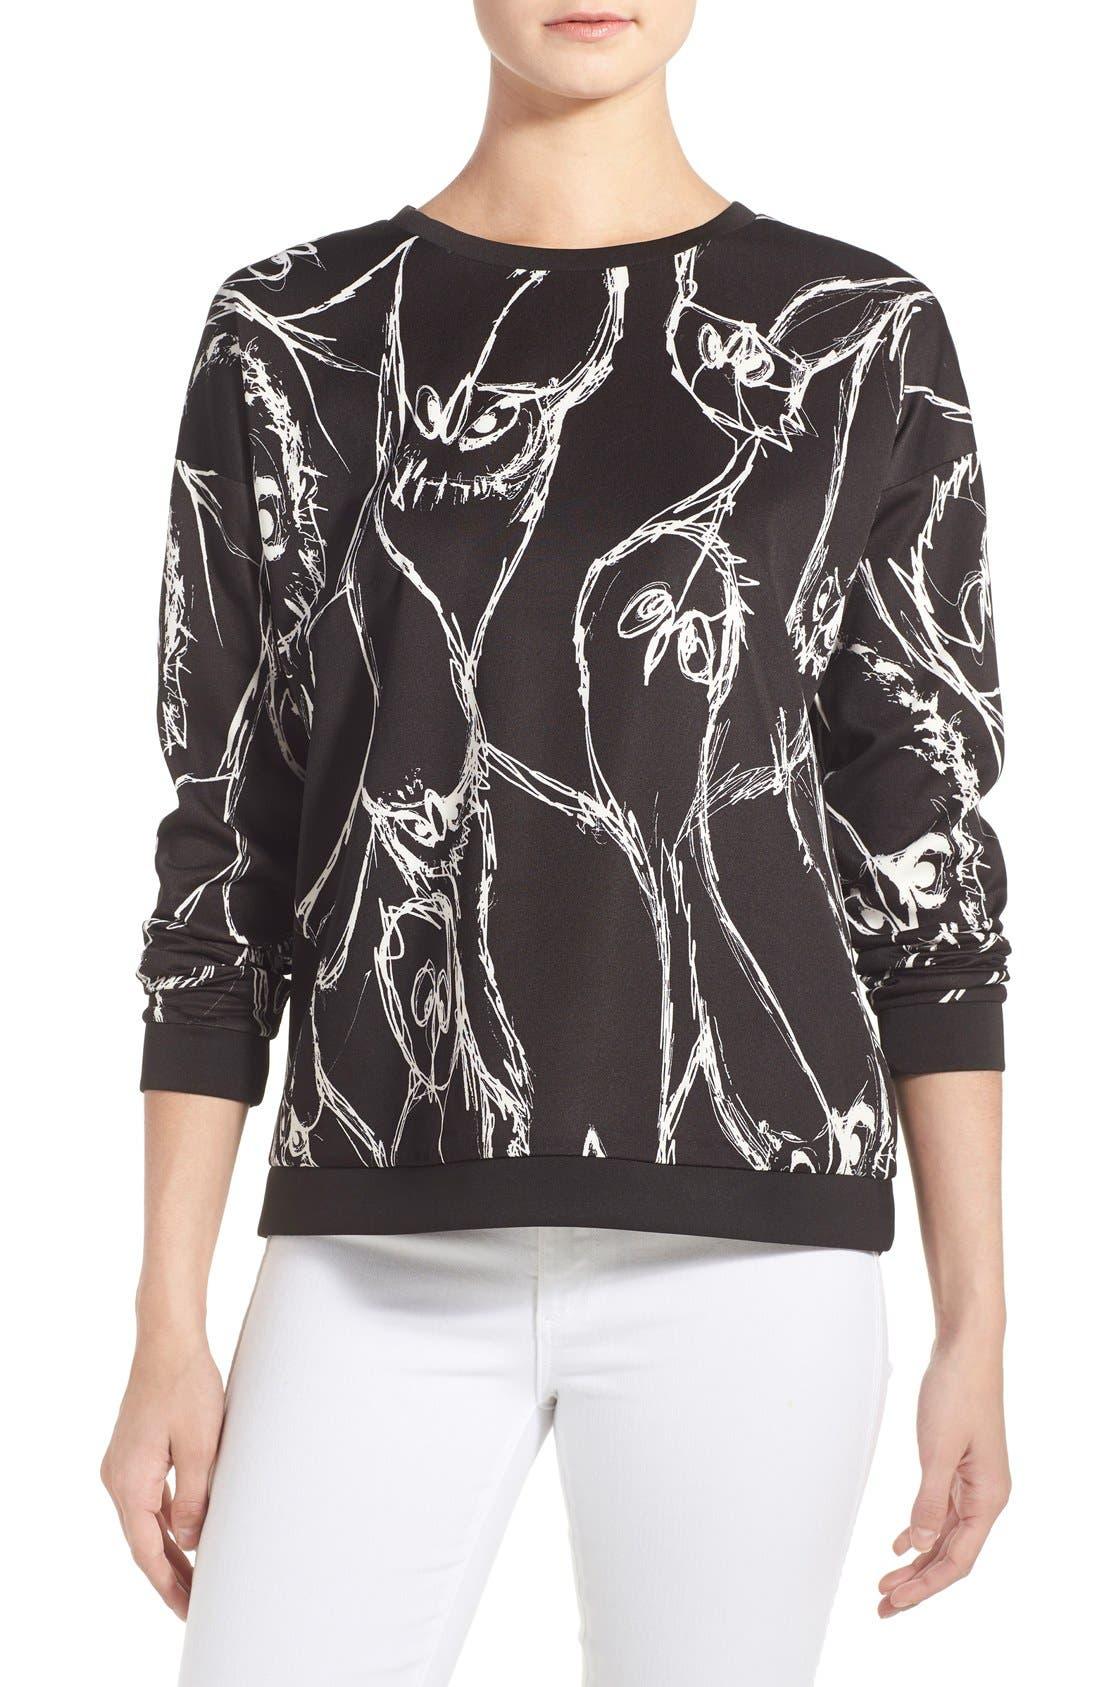 Alternate Image 1 Selected - kensie Sketched Bird Print Sweatshirt